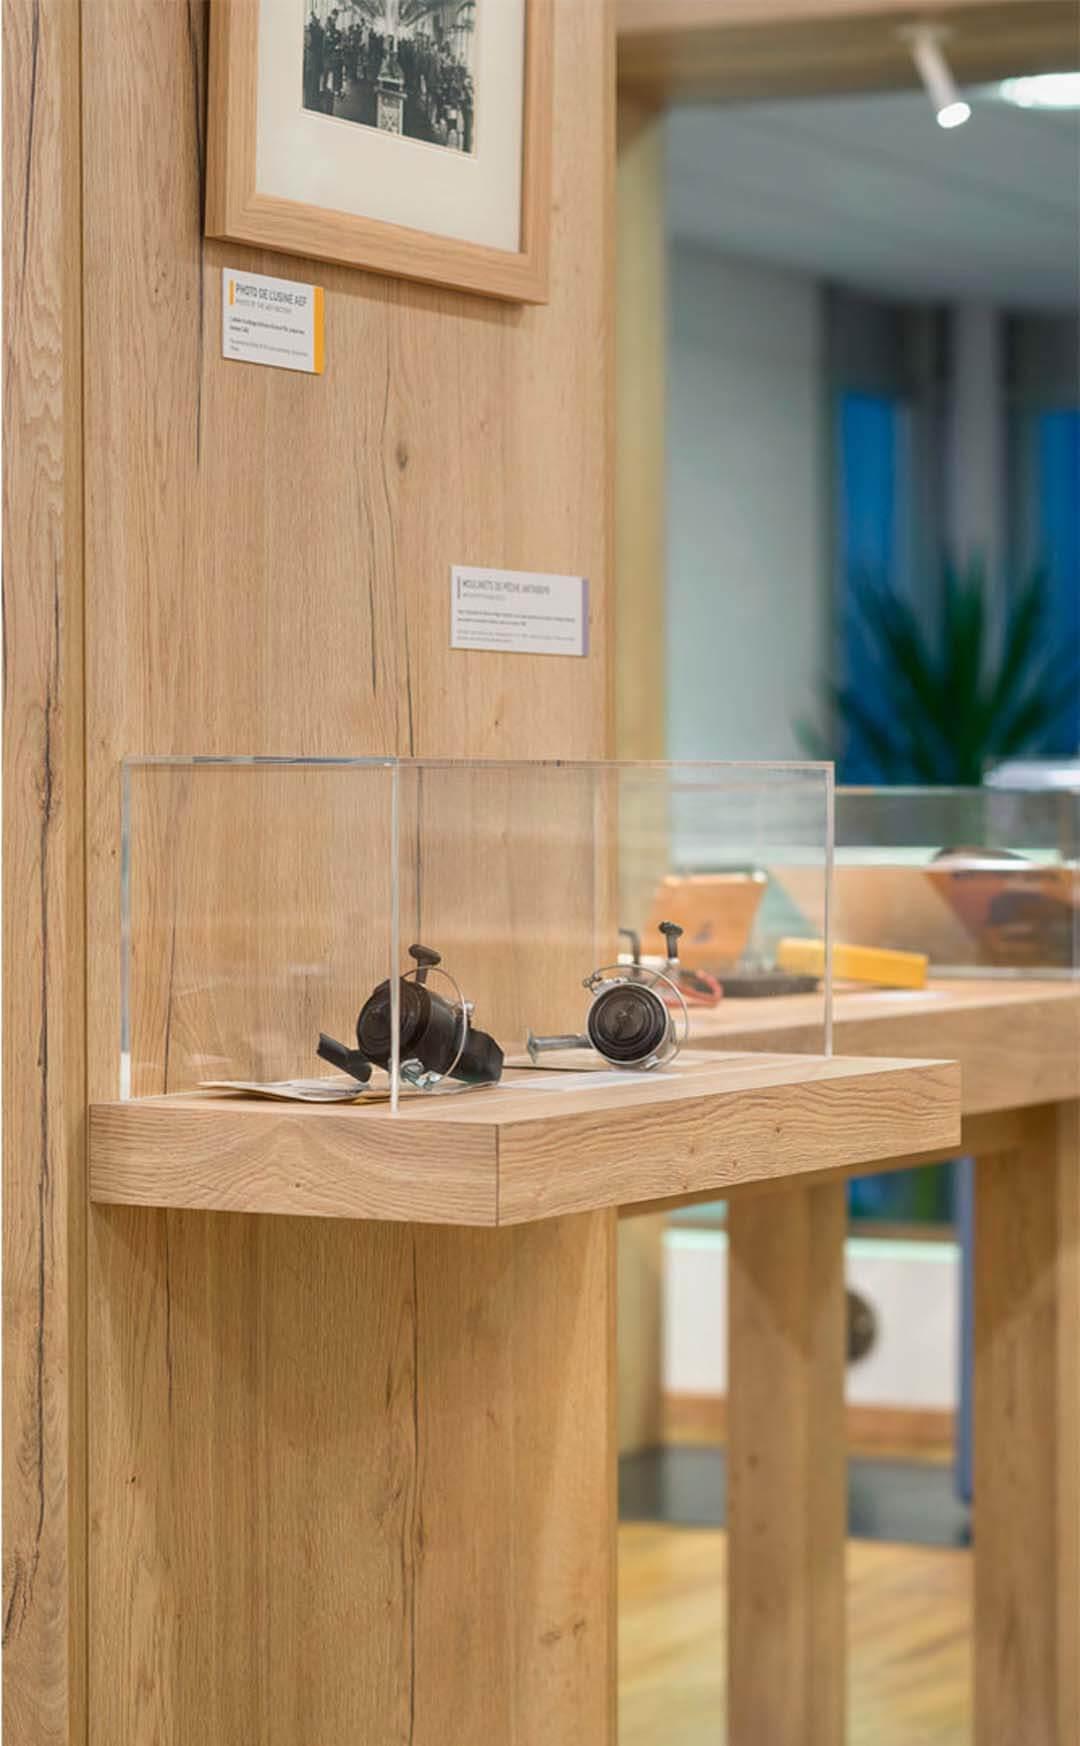 Anthogyr est le spécialiste de l'implant dentaire, et de l'innovation. La preuve en est avec ce showroom, mettant en avant toute la spécificité de leur activité, leur histoire passionnante, et leur vision d'avenir. Notre mission a été de gérer ce projet, en collaboration avec l'agence Implicite Chamonix.